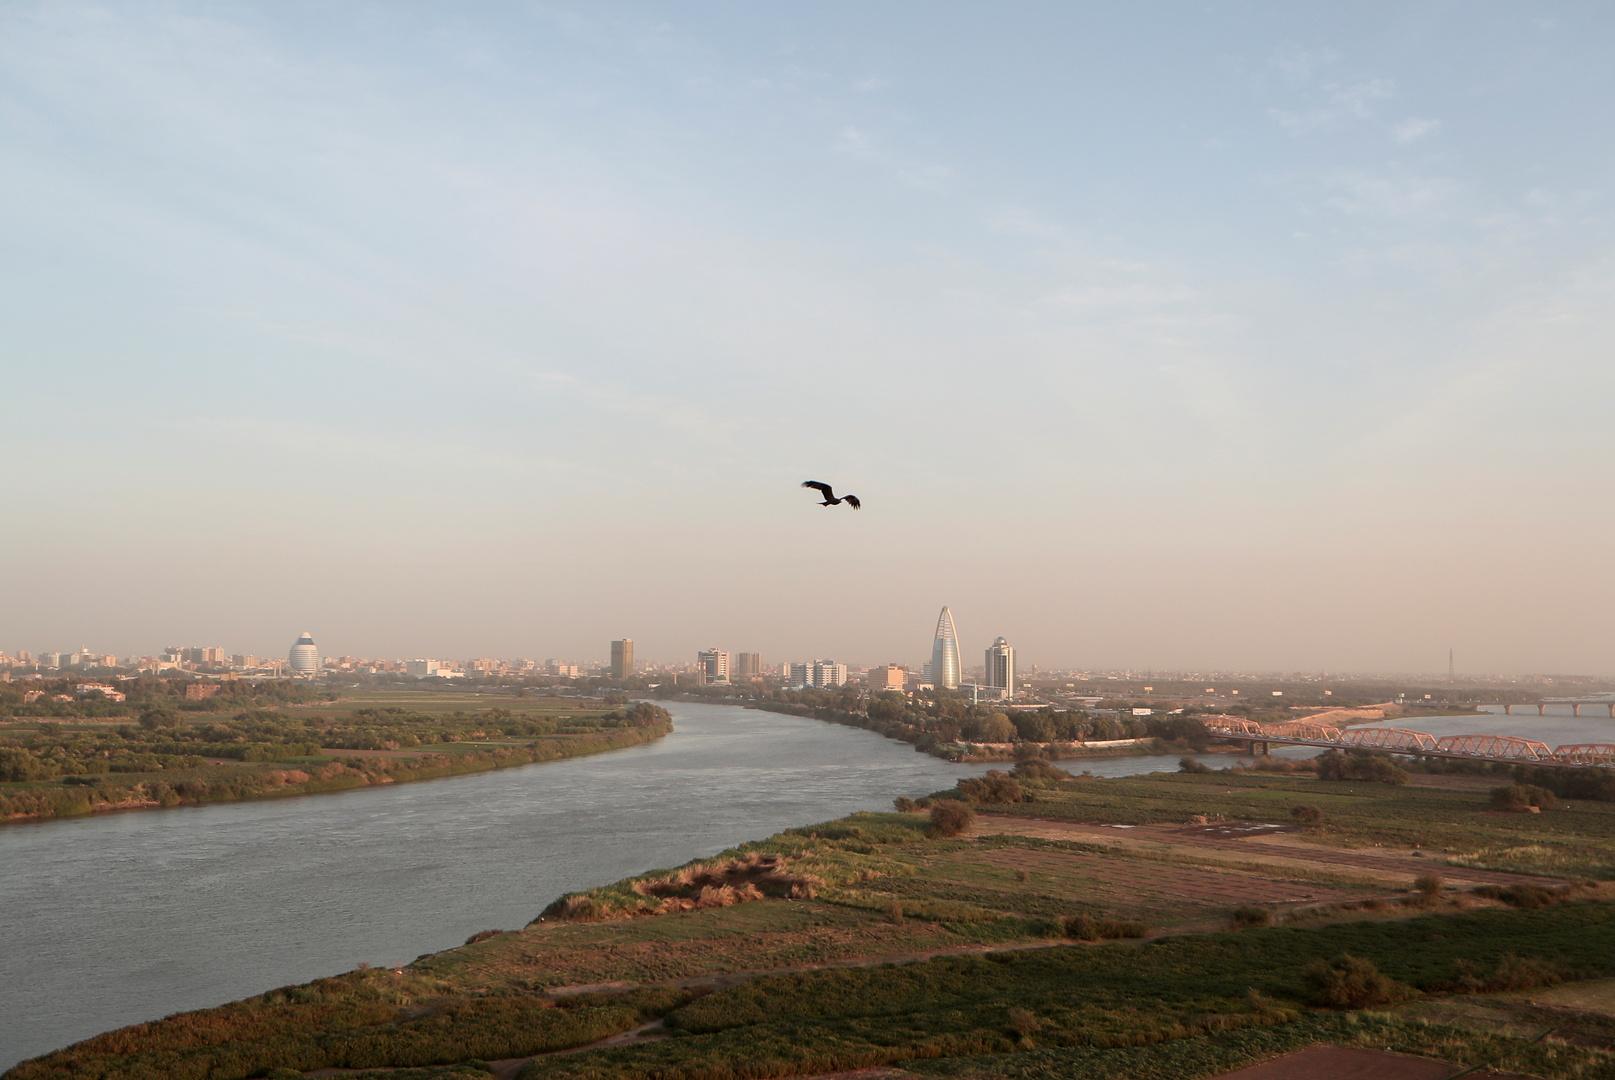 العثور على 30 جثة على الأقل في نهر بين السودان وإقليم تيغراي الإثيوبي